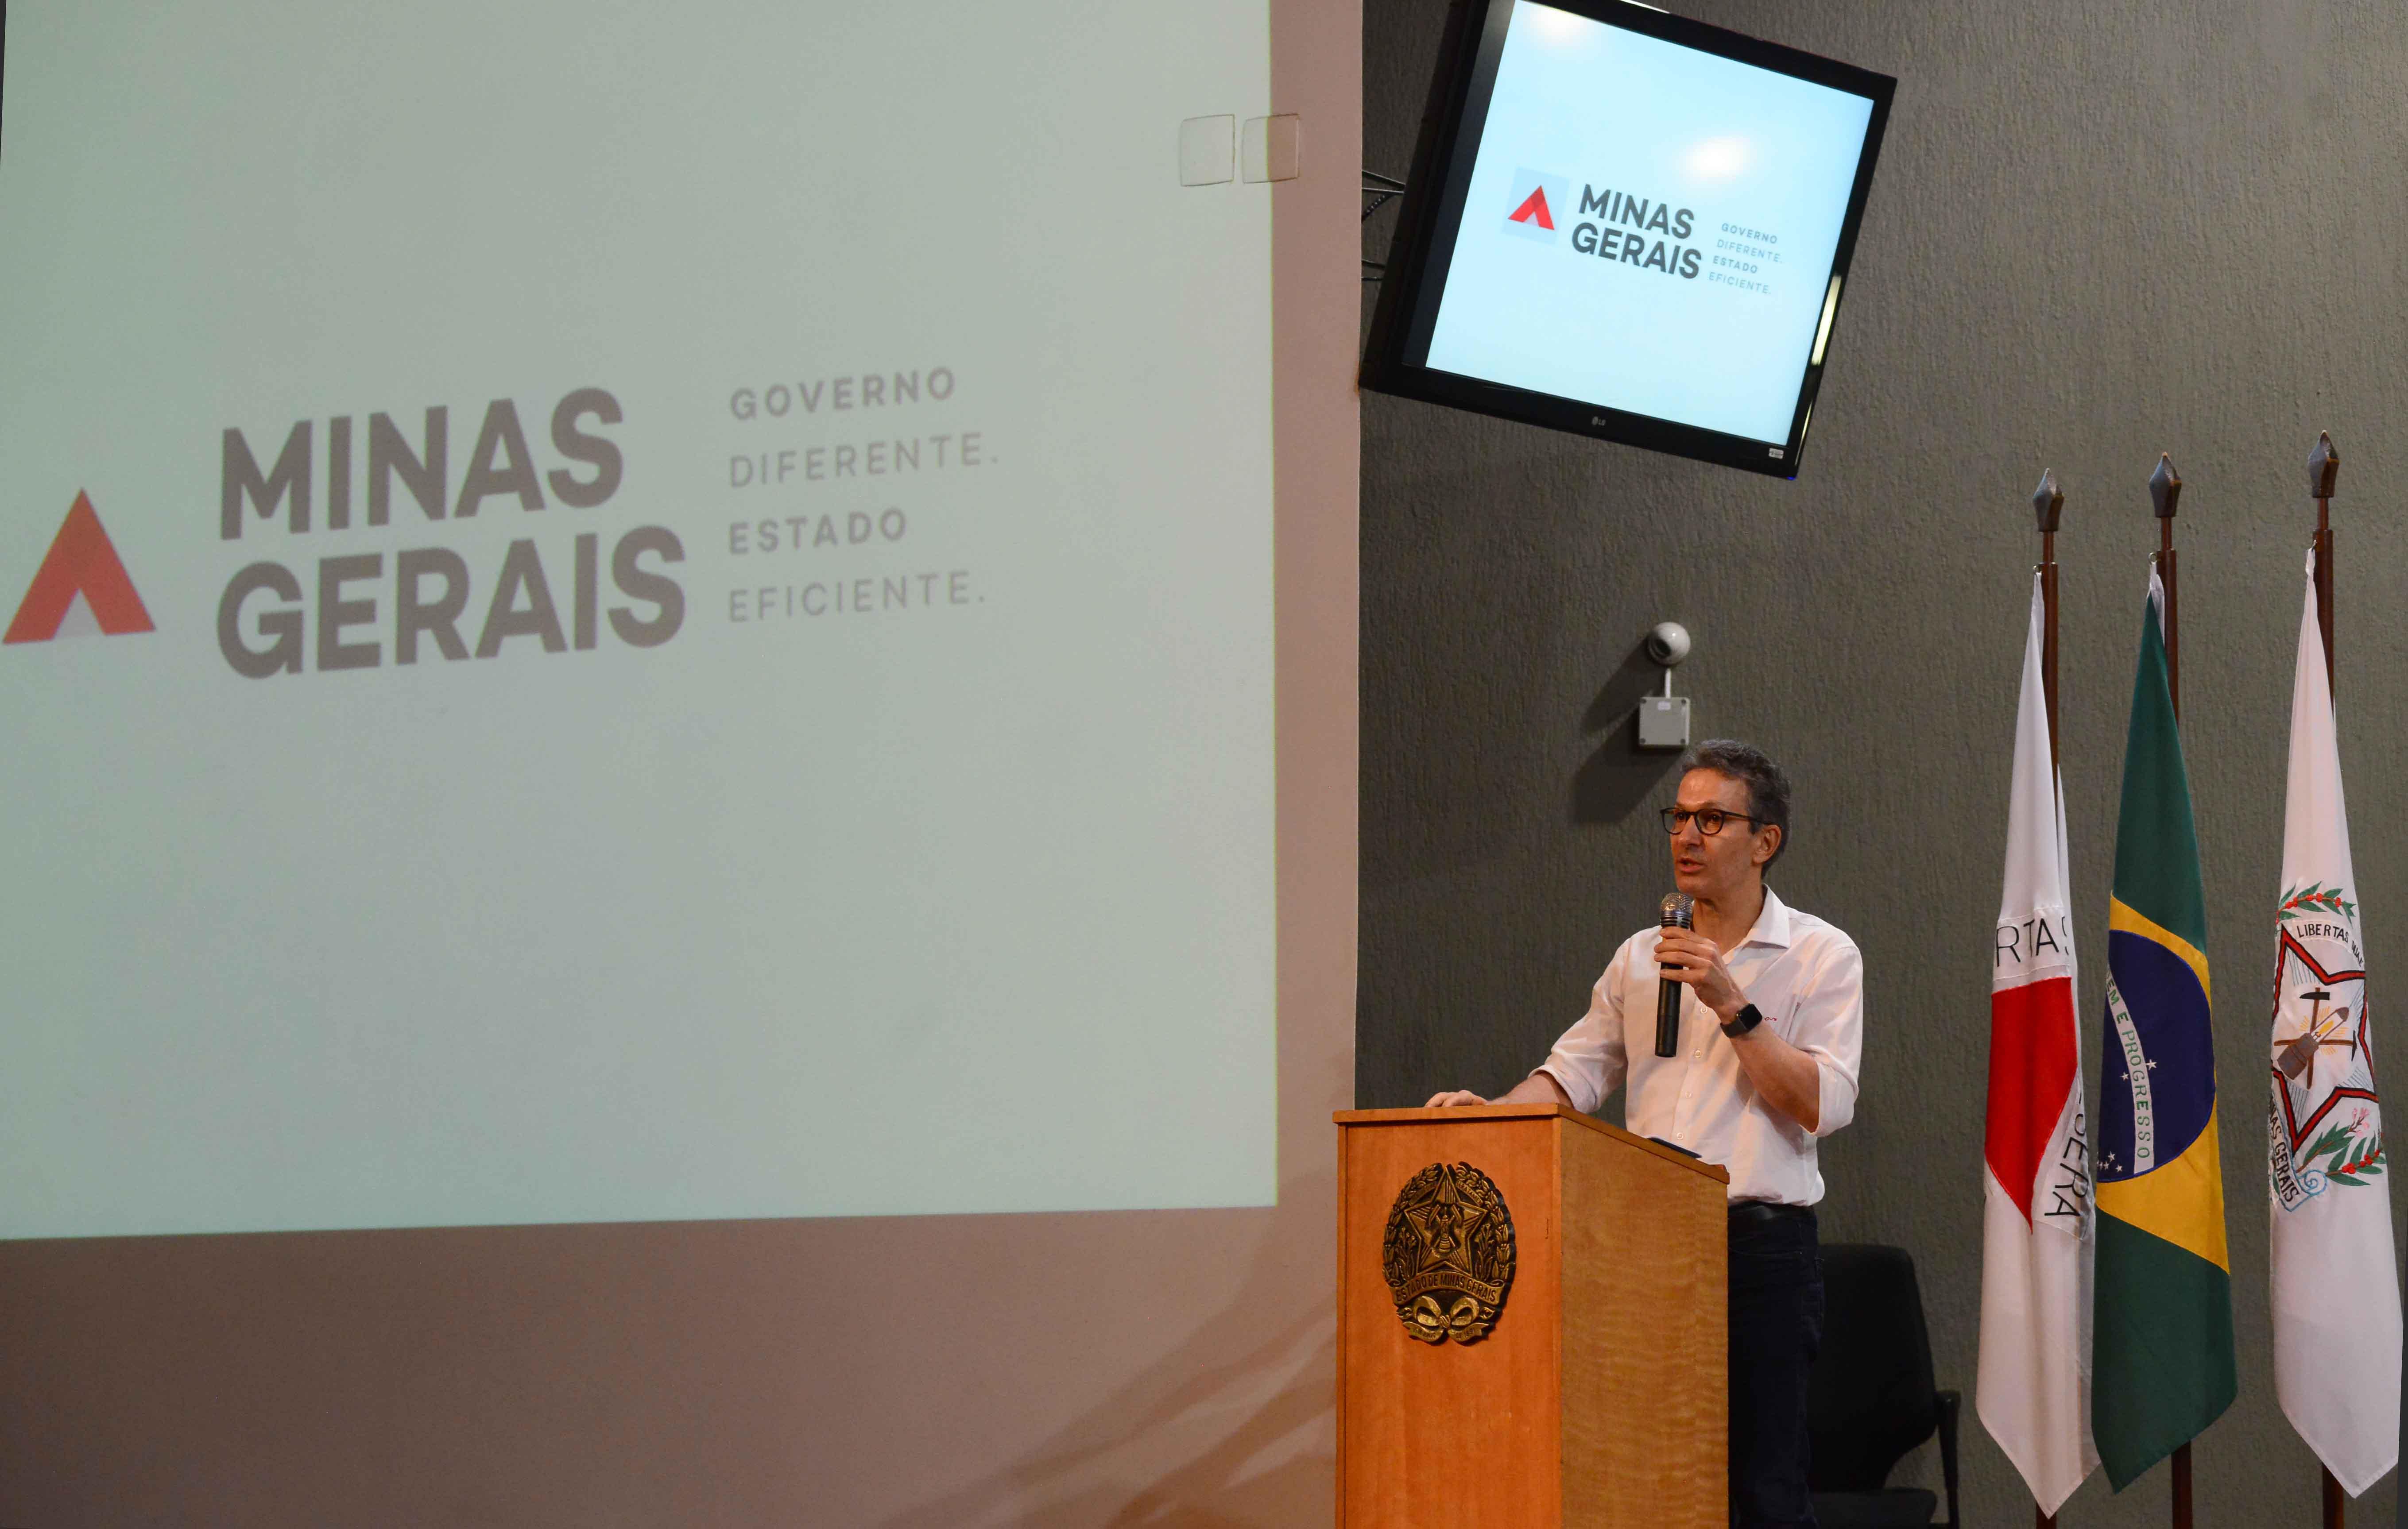 Governo de Minas celebra 130 anos da Seapa e lança plataforma de capacitação do setor agropecuário